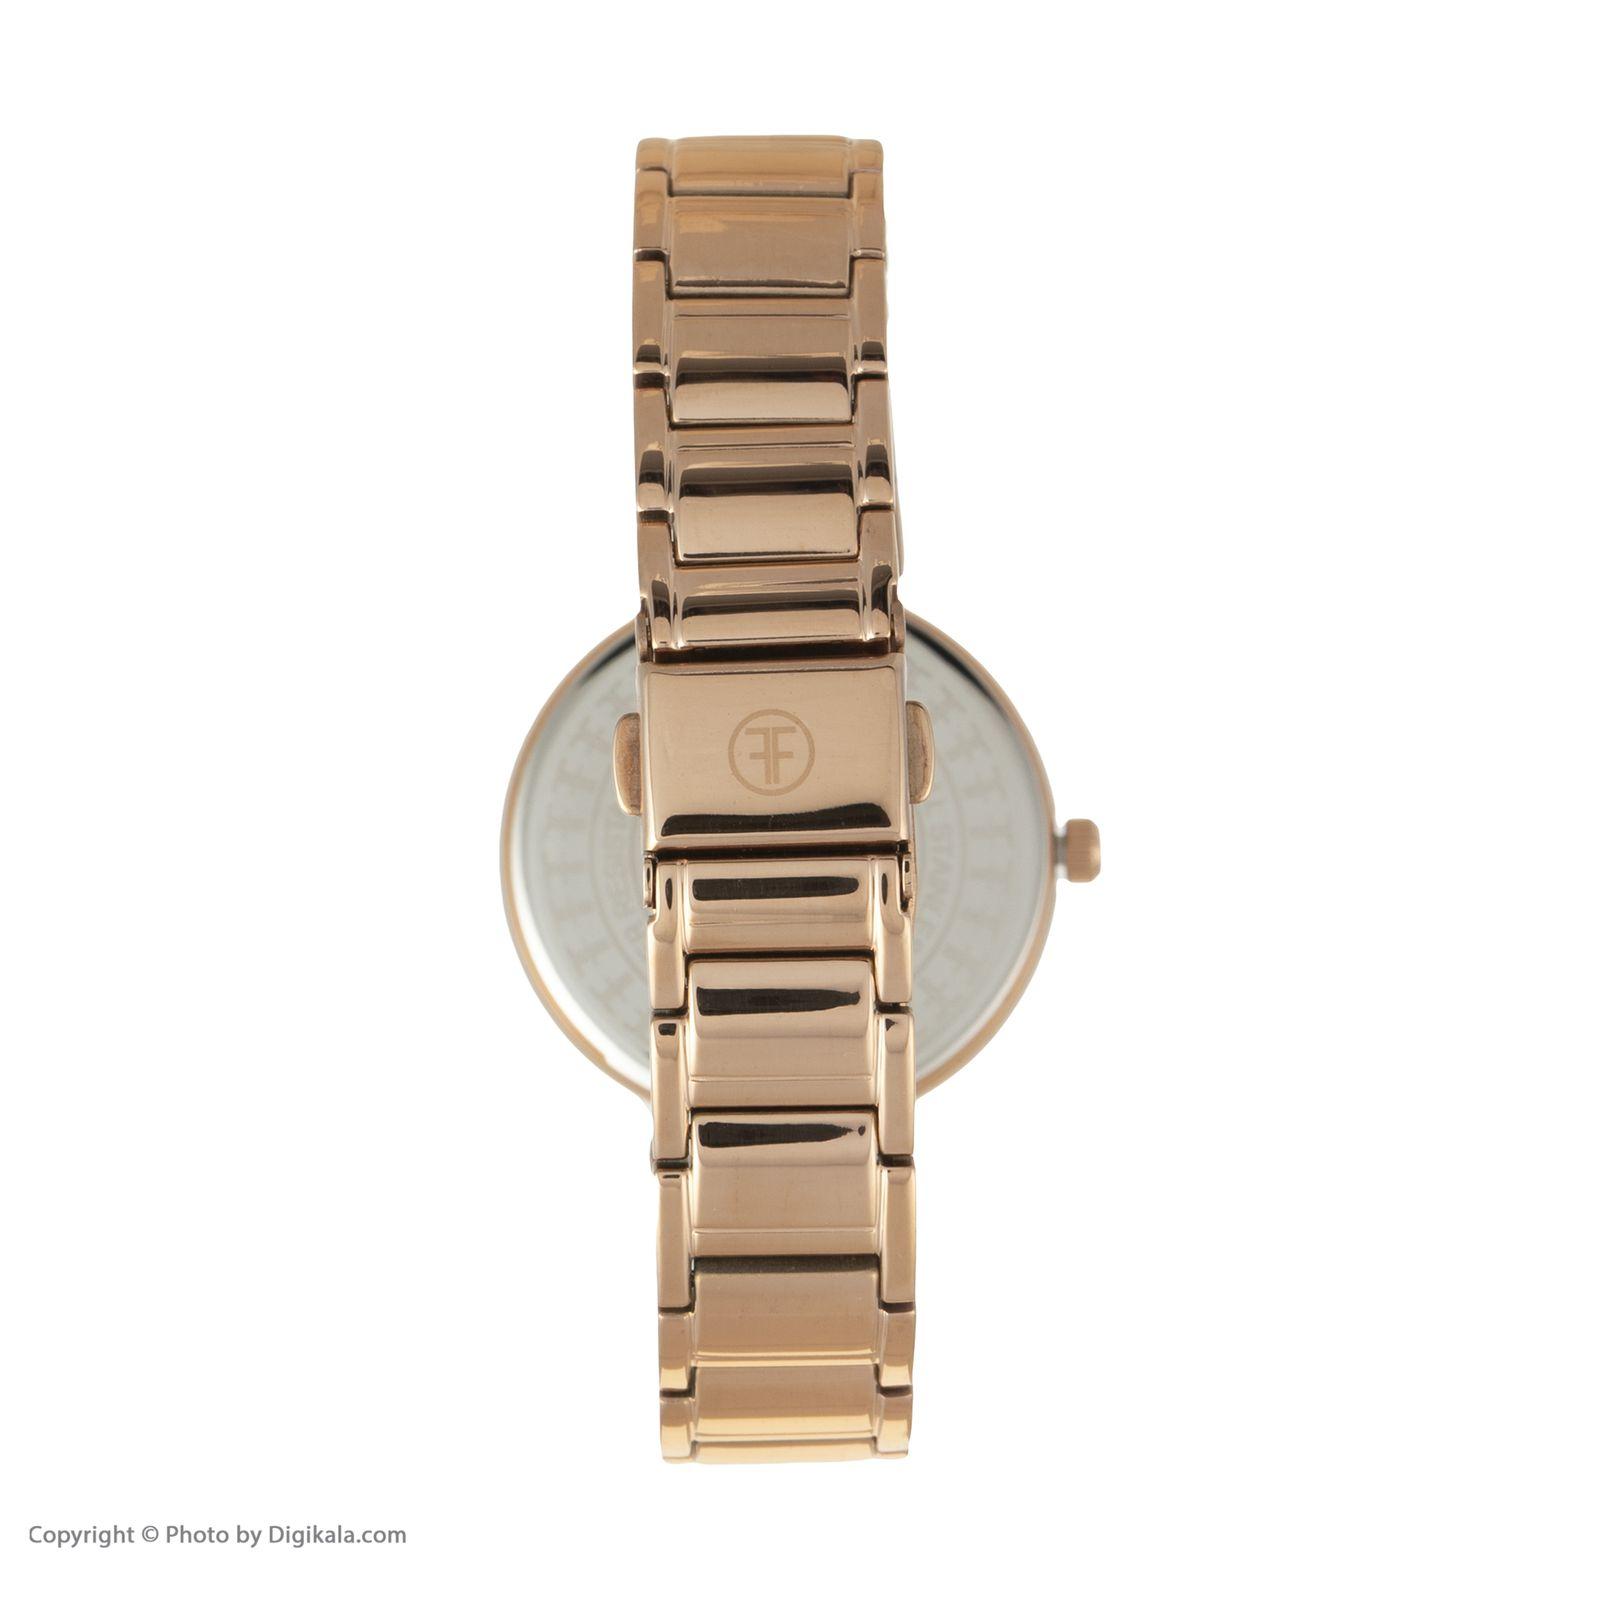 ساعت مچی عقربه ای زنانه فری لوک مدل F.7.1057.03 -  - 4